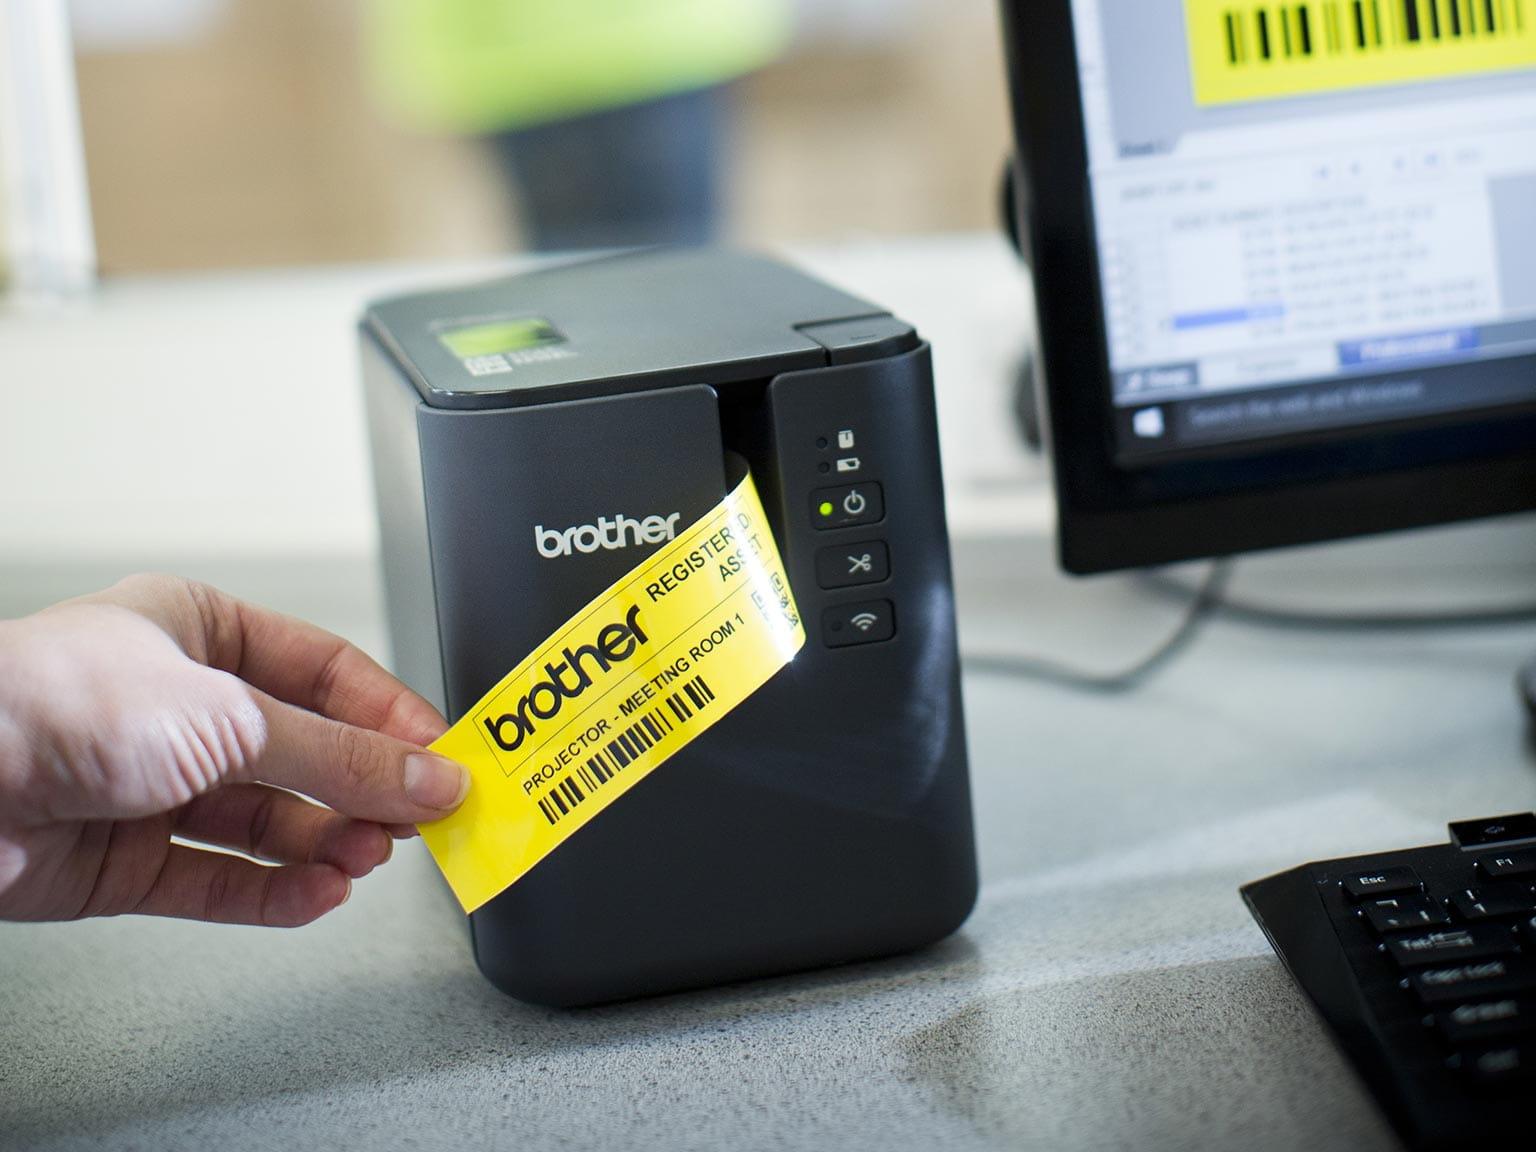 Tiskalnik nalepk Brother P-touch P900W z rumeno nalepko, ki se tiska z računalnika